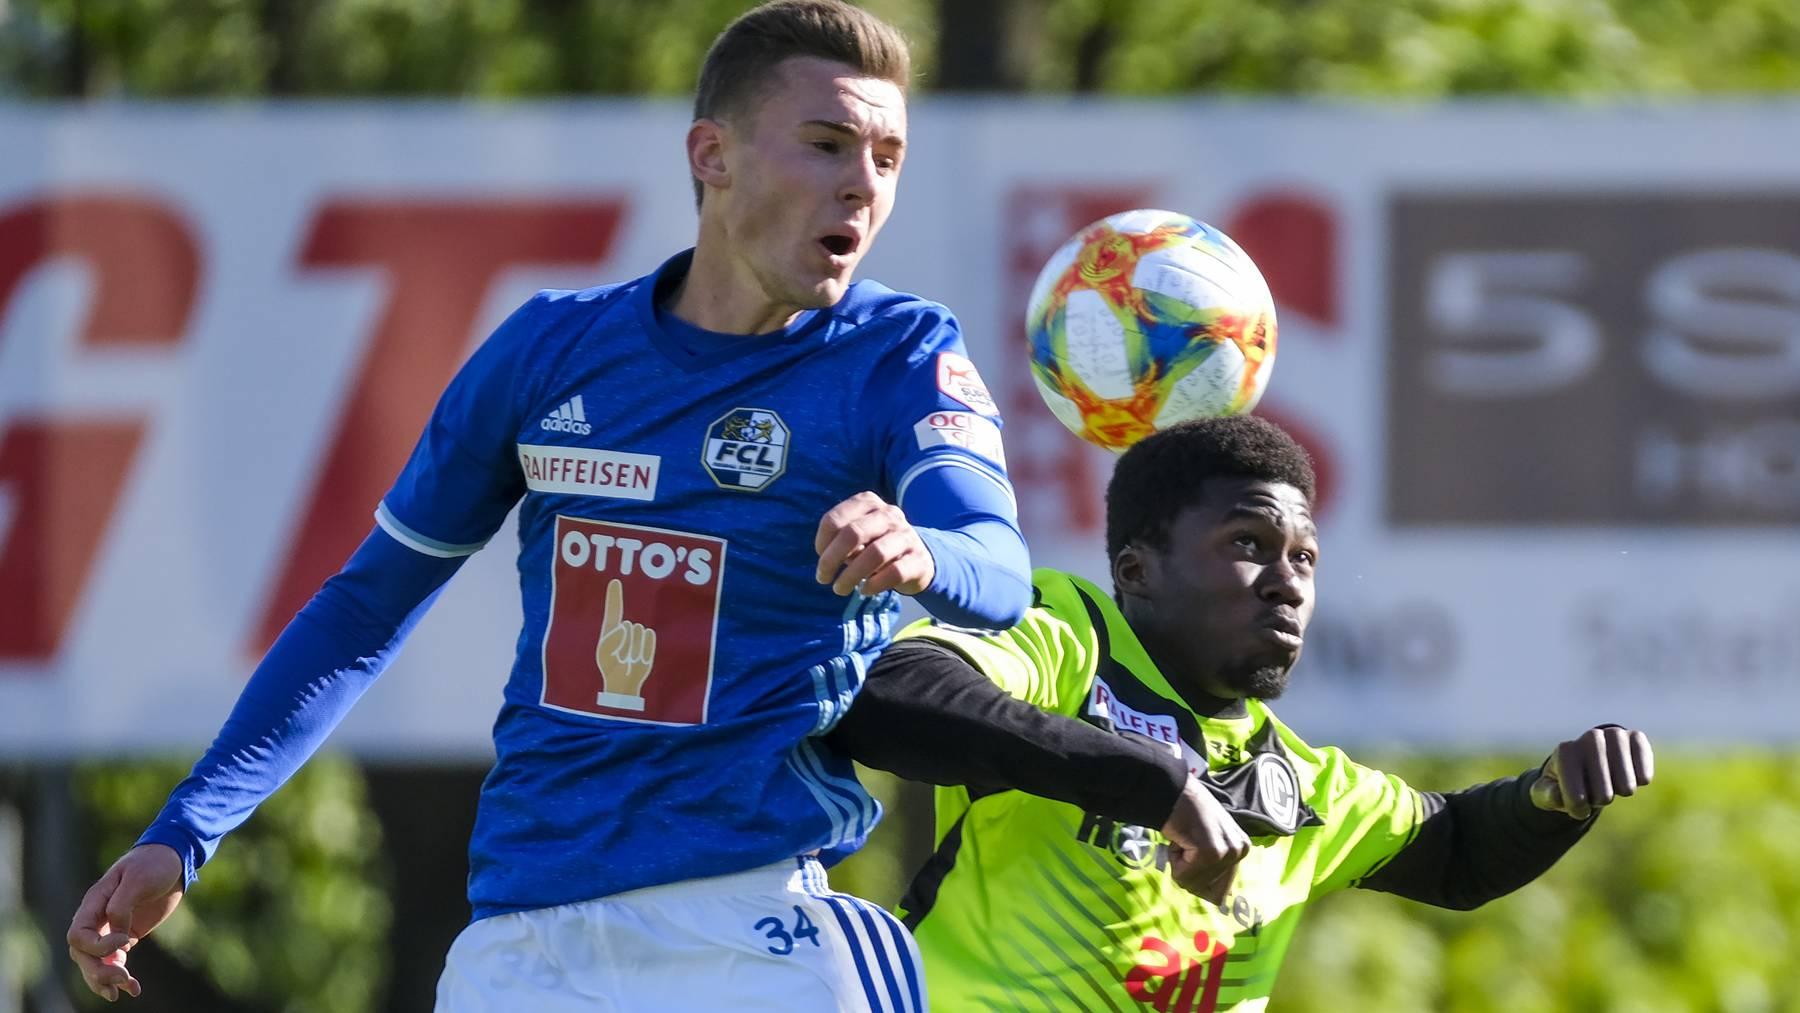 Kann der FC Luzern endlich wieder drei Punkte einfahren?